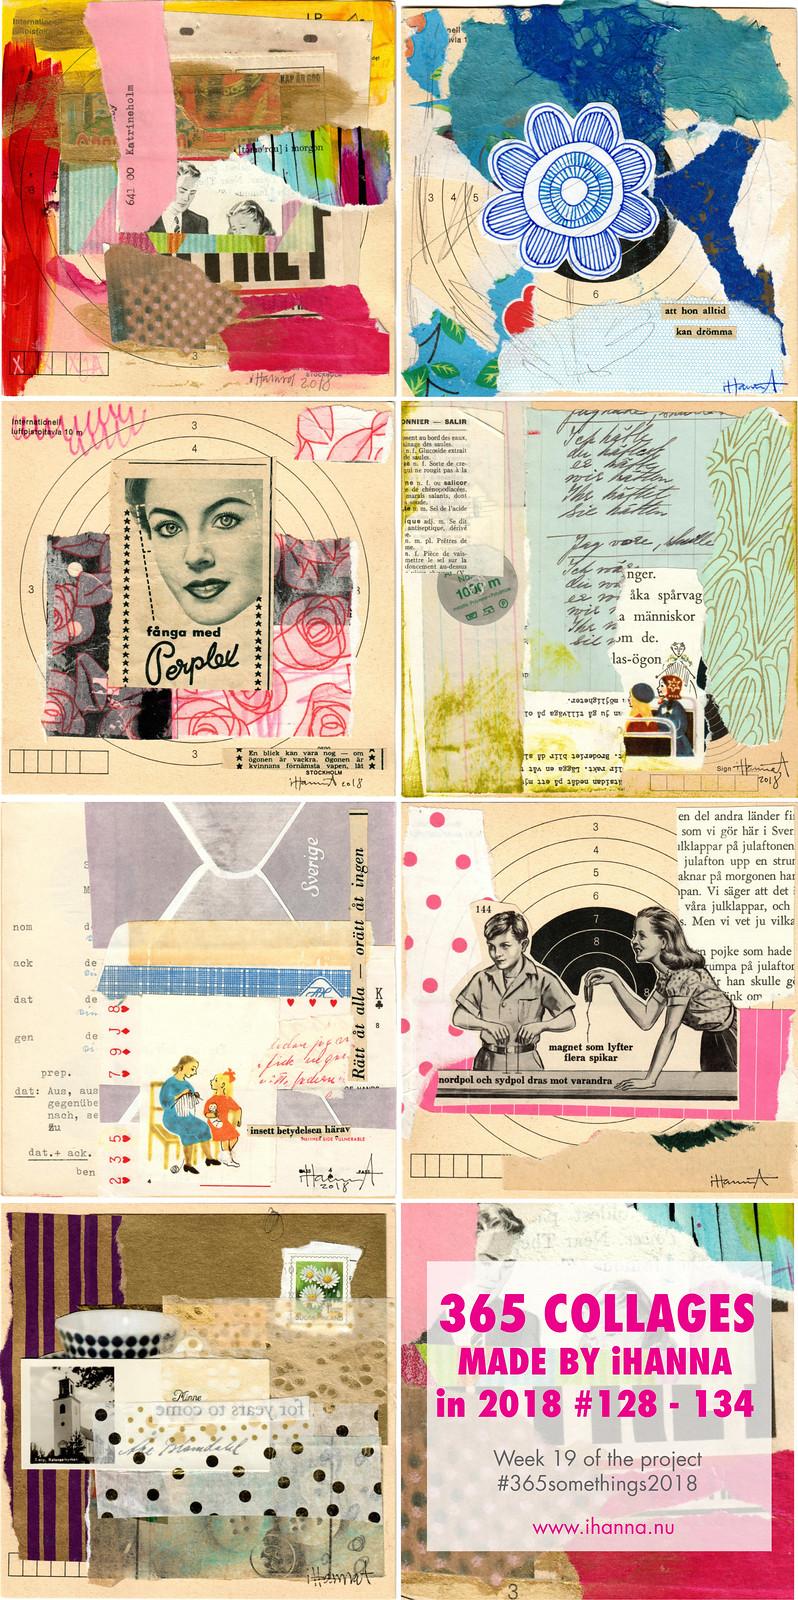 iHannas 365 Collages Week 19 in 2018: Looking back on past collage weeks #365somethings2018